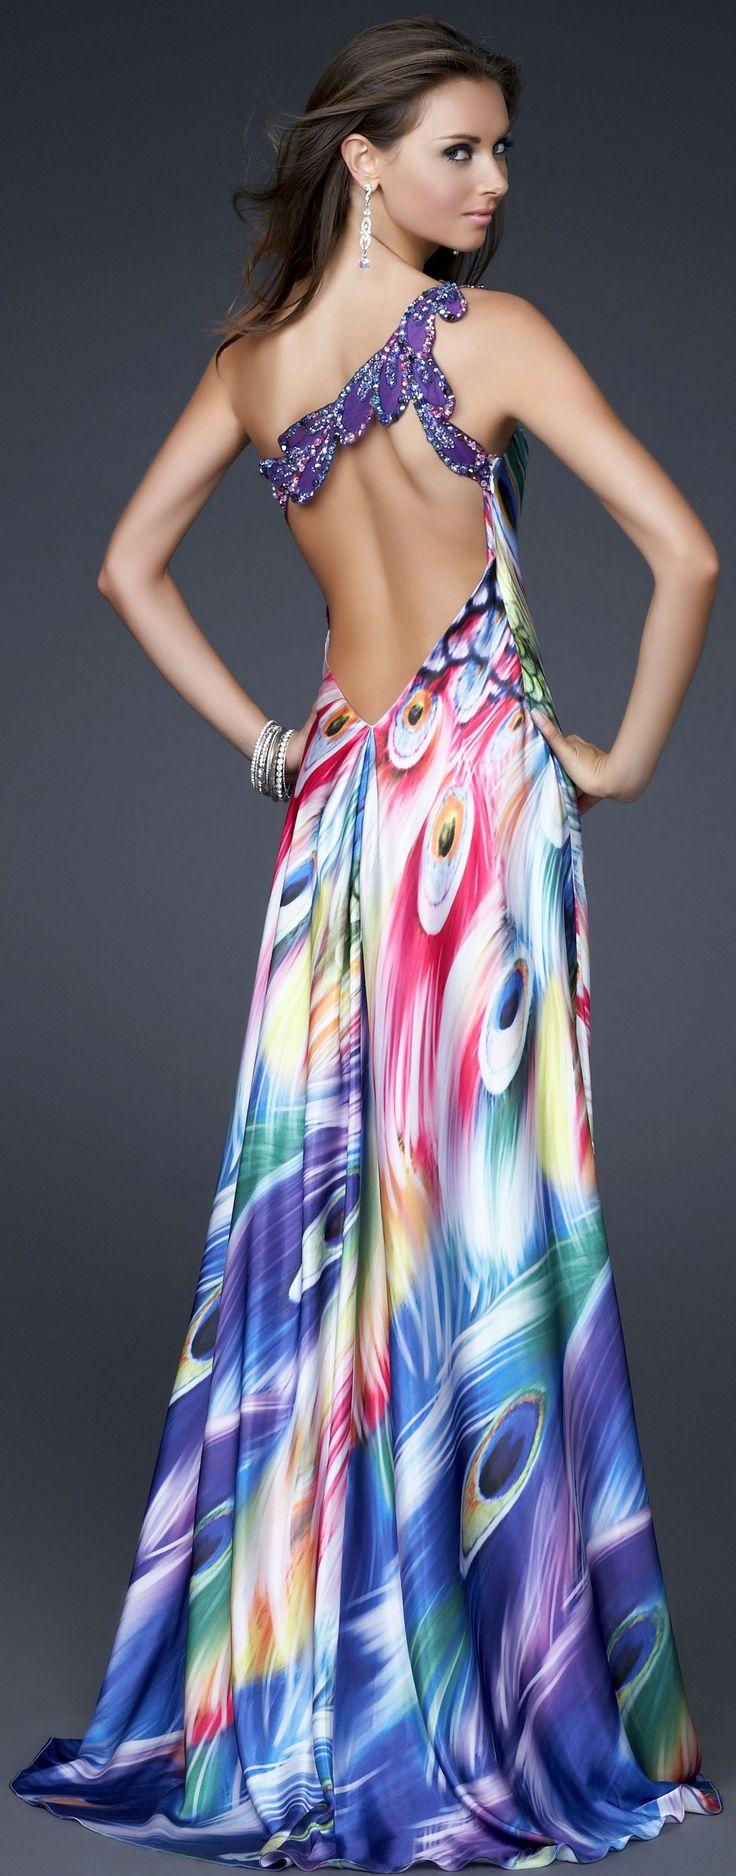 Vestido estampado asimétrico con un bellísimo escote en la espalda (espalda) Love it so much!!!